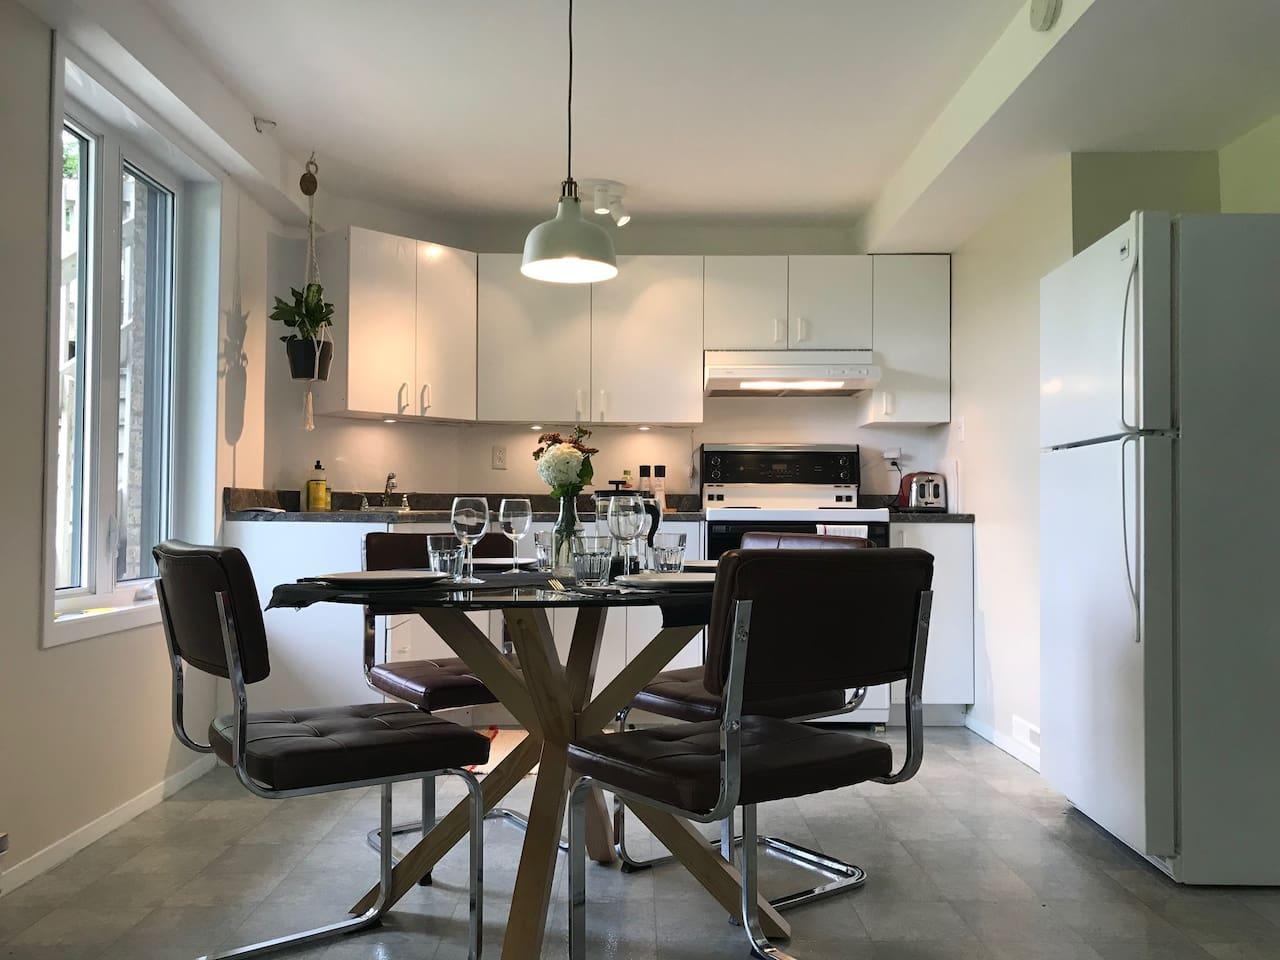 La cuisine.  Toute équipée, pouvant recevoir facilement 5 personnes. -  The kitchen. Fully equipped, can easily accommodate 5 people.